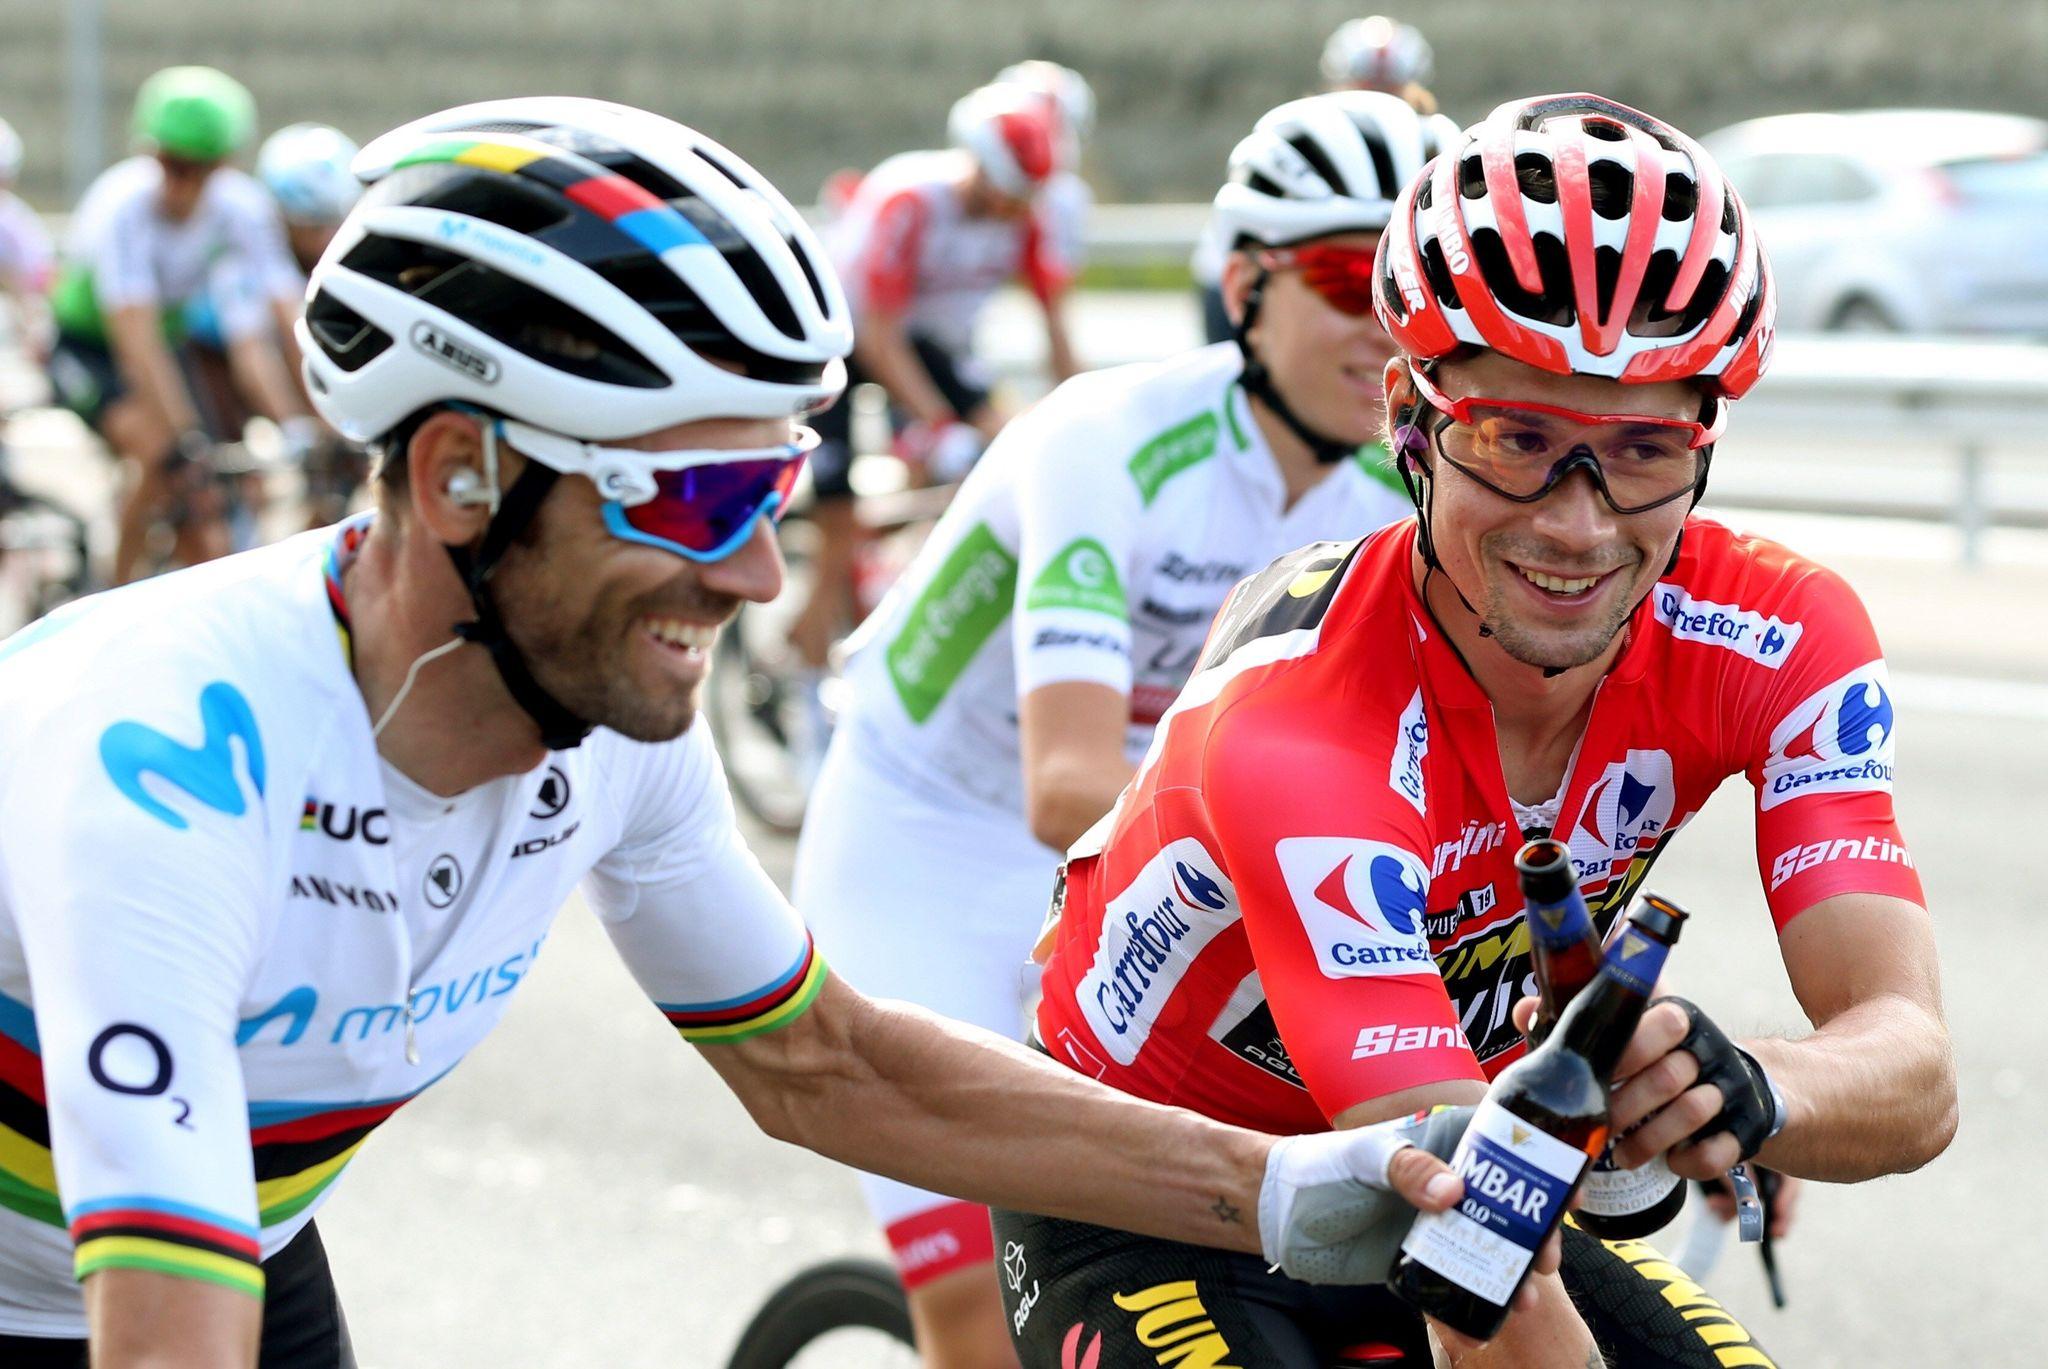 GRAF3064. MADRID, 15/09/2019.- El ciclista esloveno del equipo Jumbo-Visma, Primôz Roglic (d), celebra junto a <HIT>Alejandro</HIT><HIT>Valverde</HIT> (i) del equipo Movistar, tras coronarse como ganador de La Vuelta a España 2019, en la vigésimo primera y última etapa que ha salido de Fuenlabrada y con meta en Madrid, con un recorrido de 106,6 kilómetros. EFE/Javier Lizón